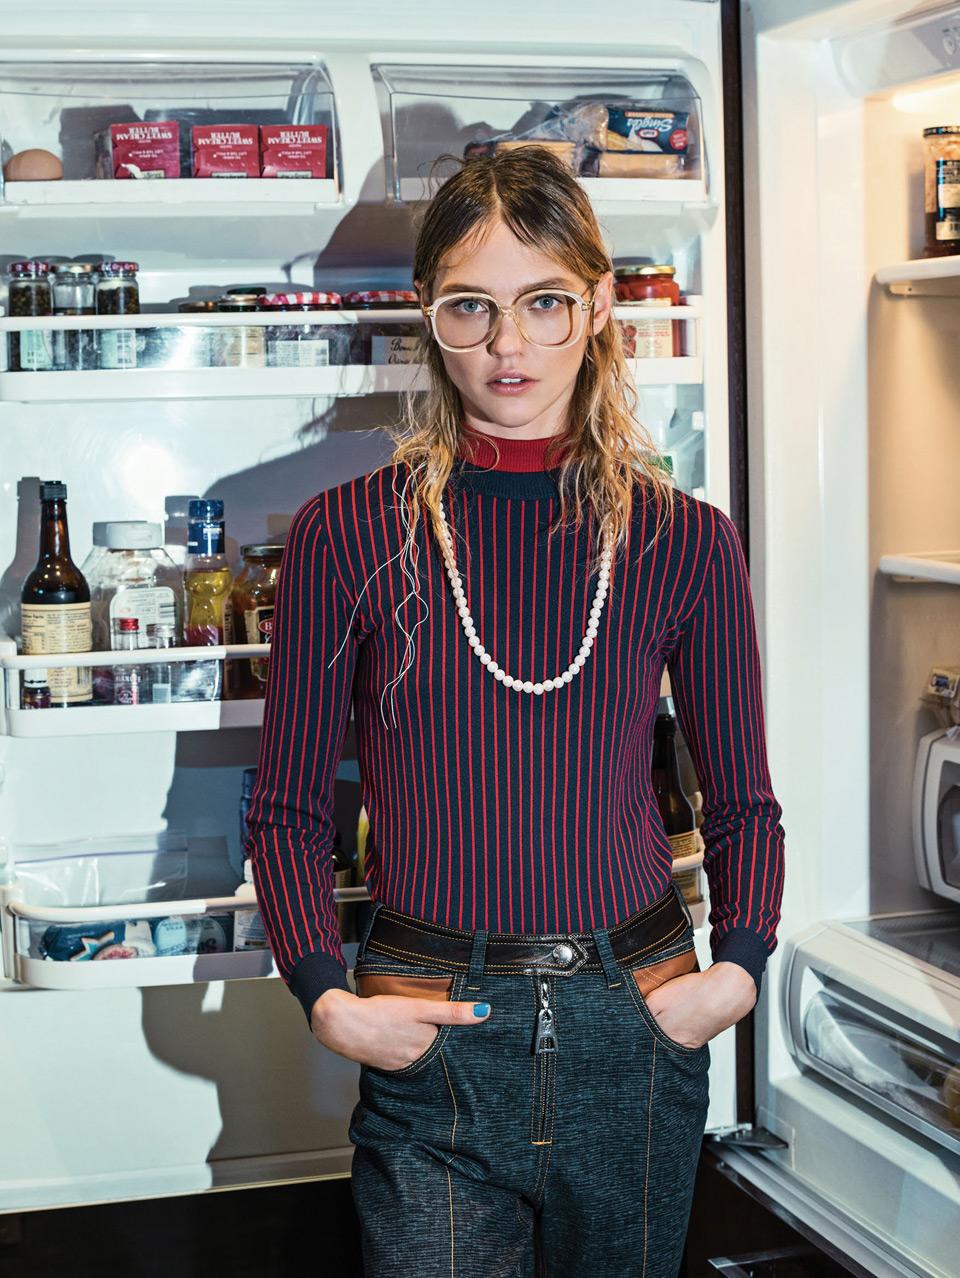 Sasha-Pivovarova-na-stranicax-Vogue-9-foto